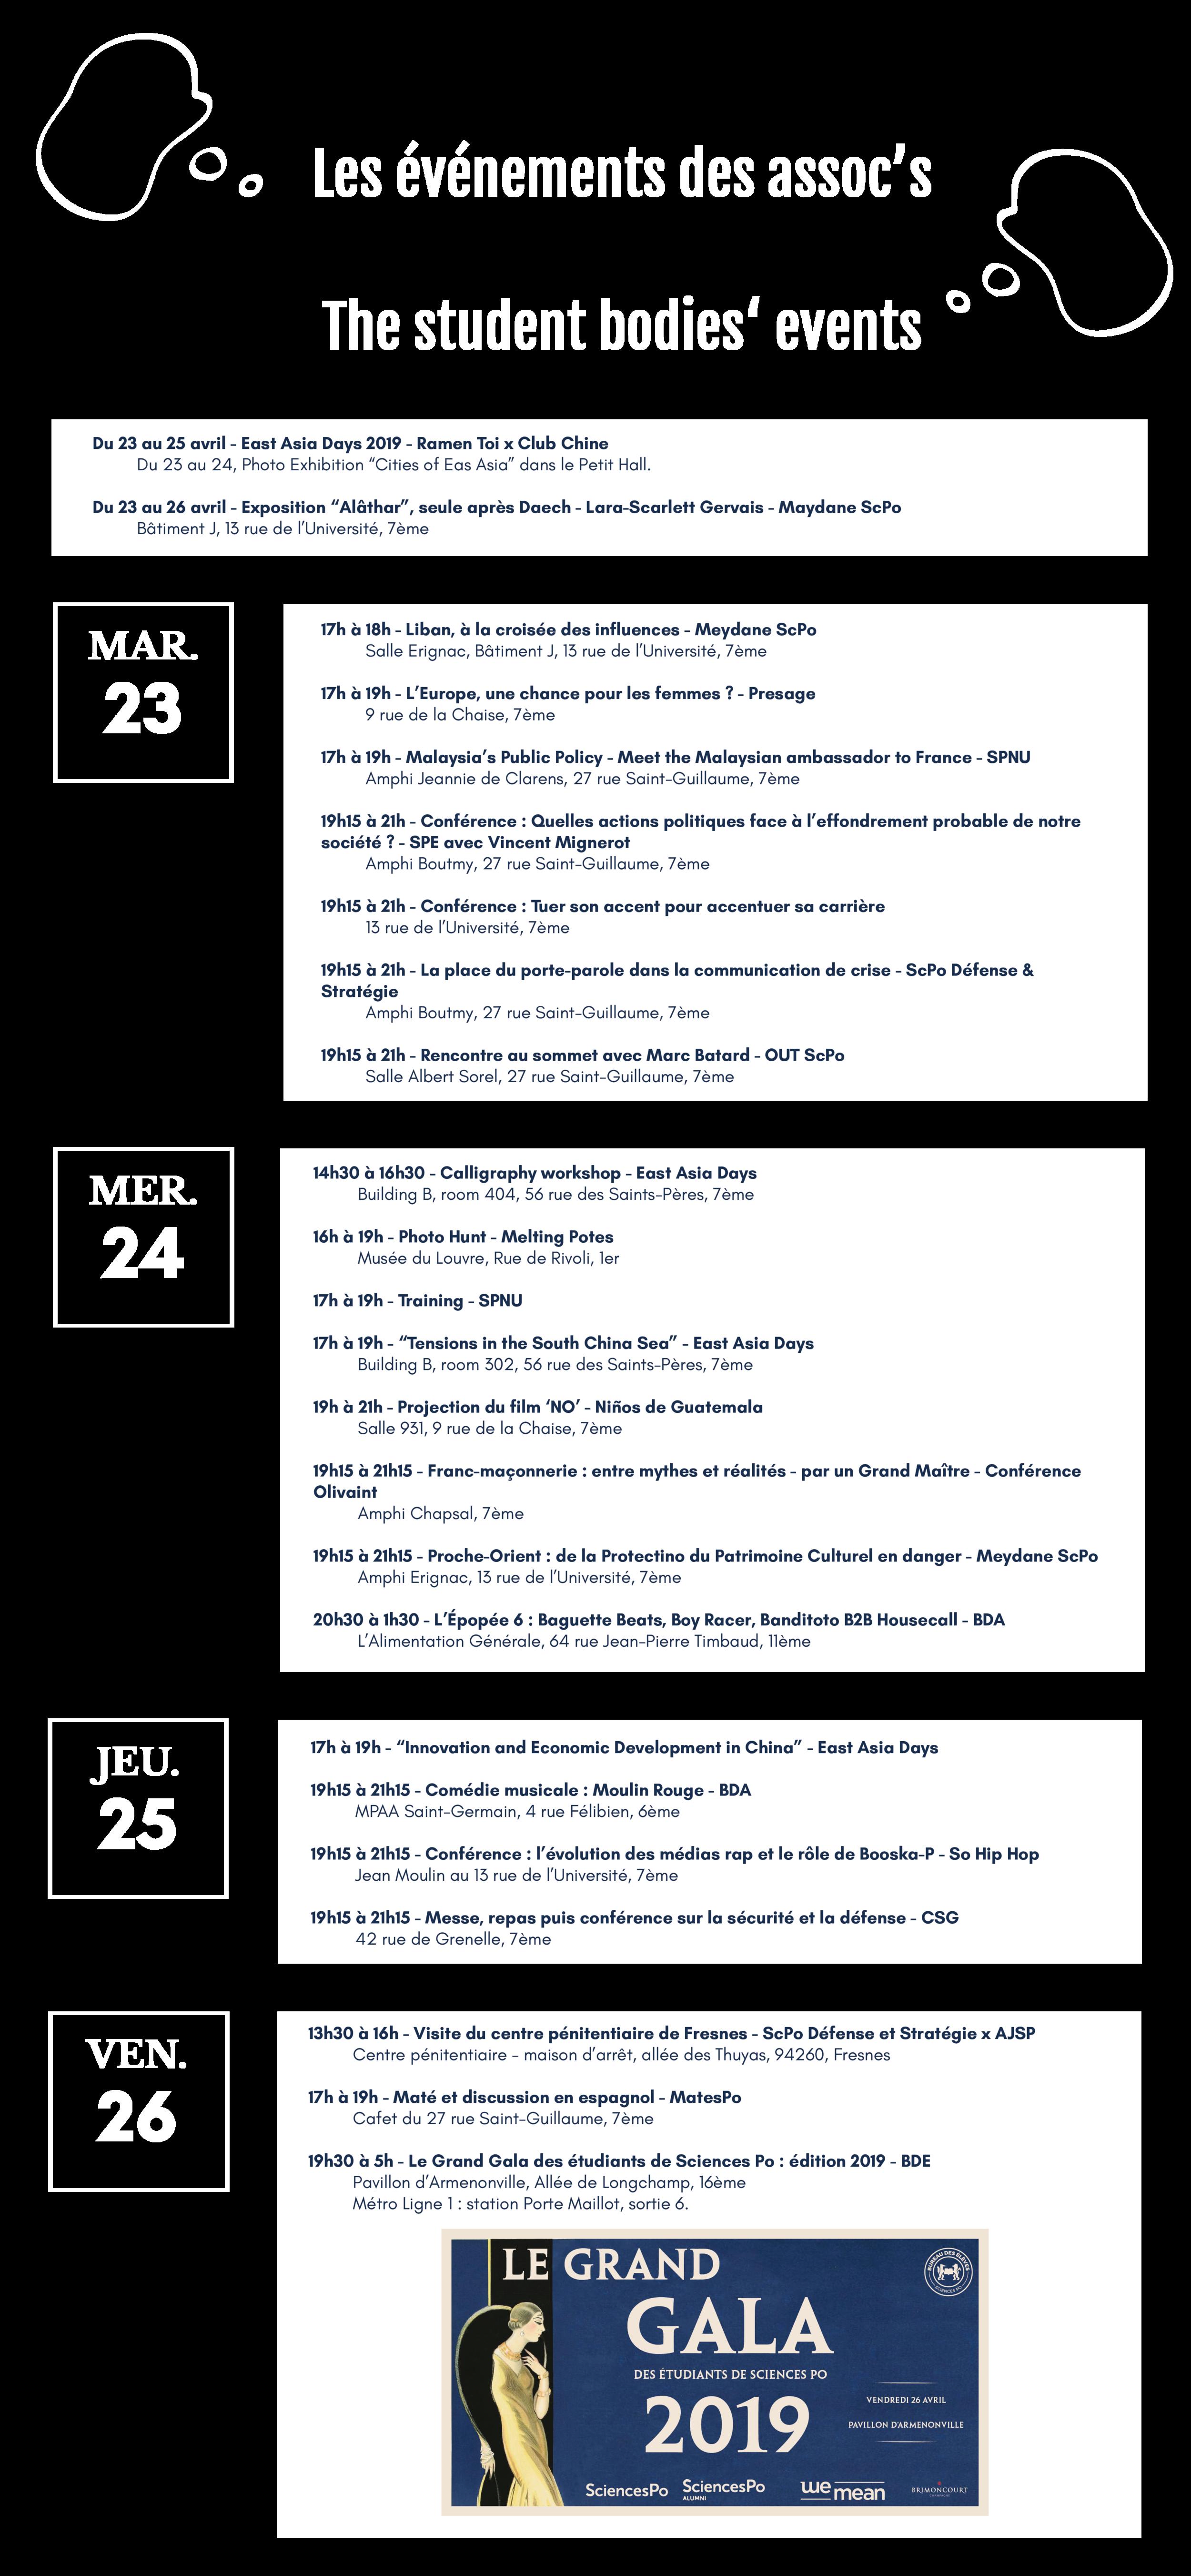 Agenda-01 (1).png